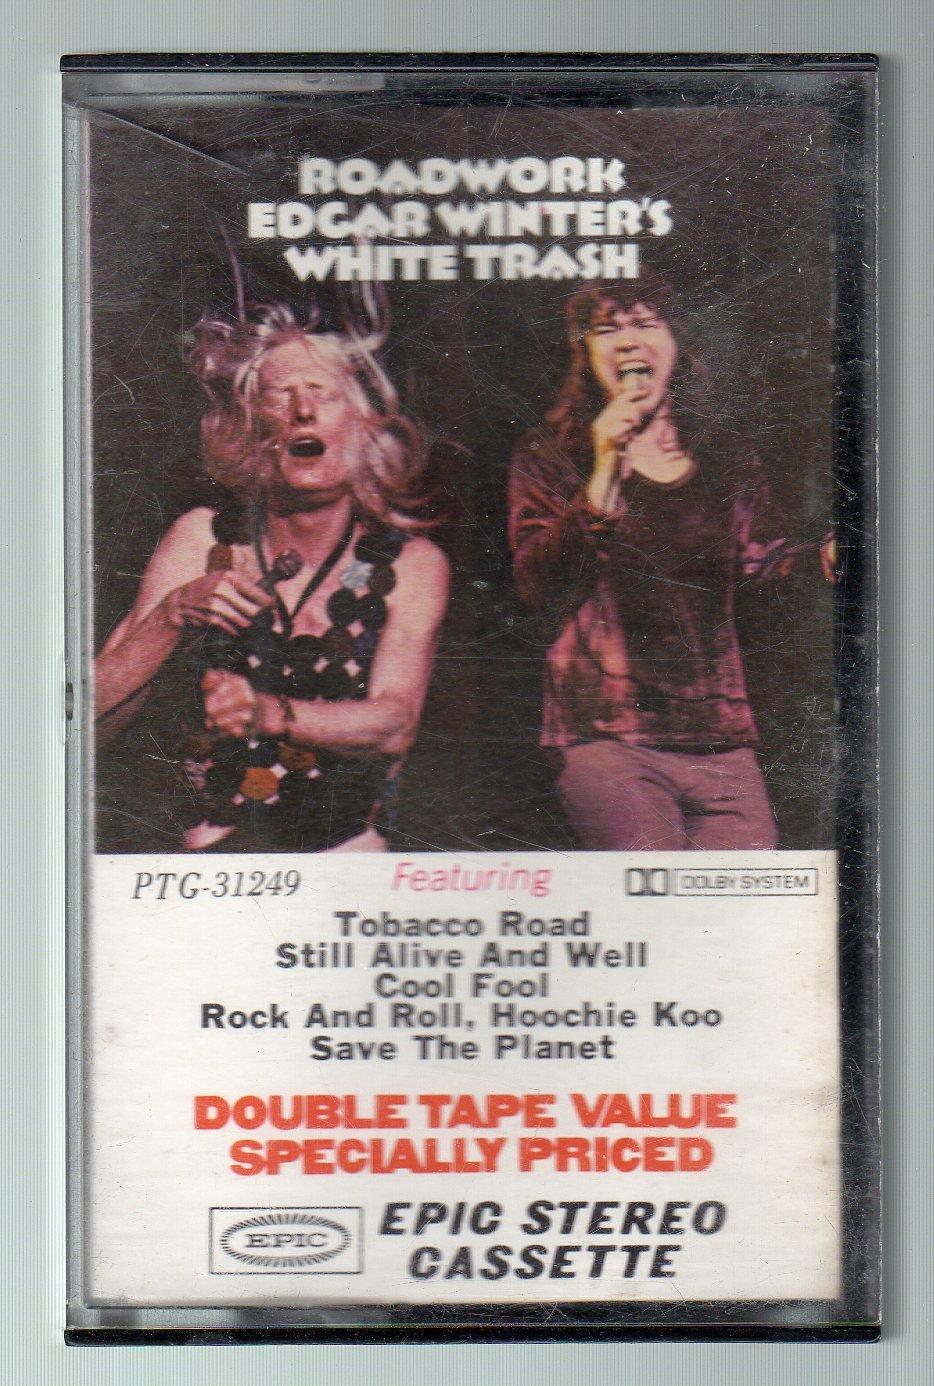 Edgar Winter's White Trash - Roadwork RARE 1972 Cassette Tape